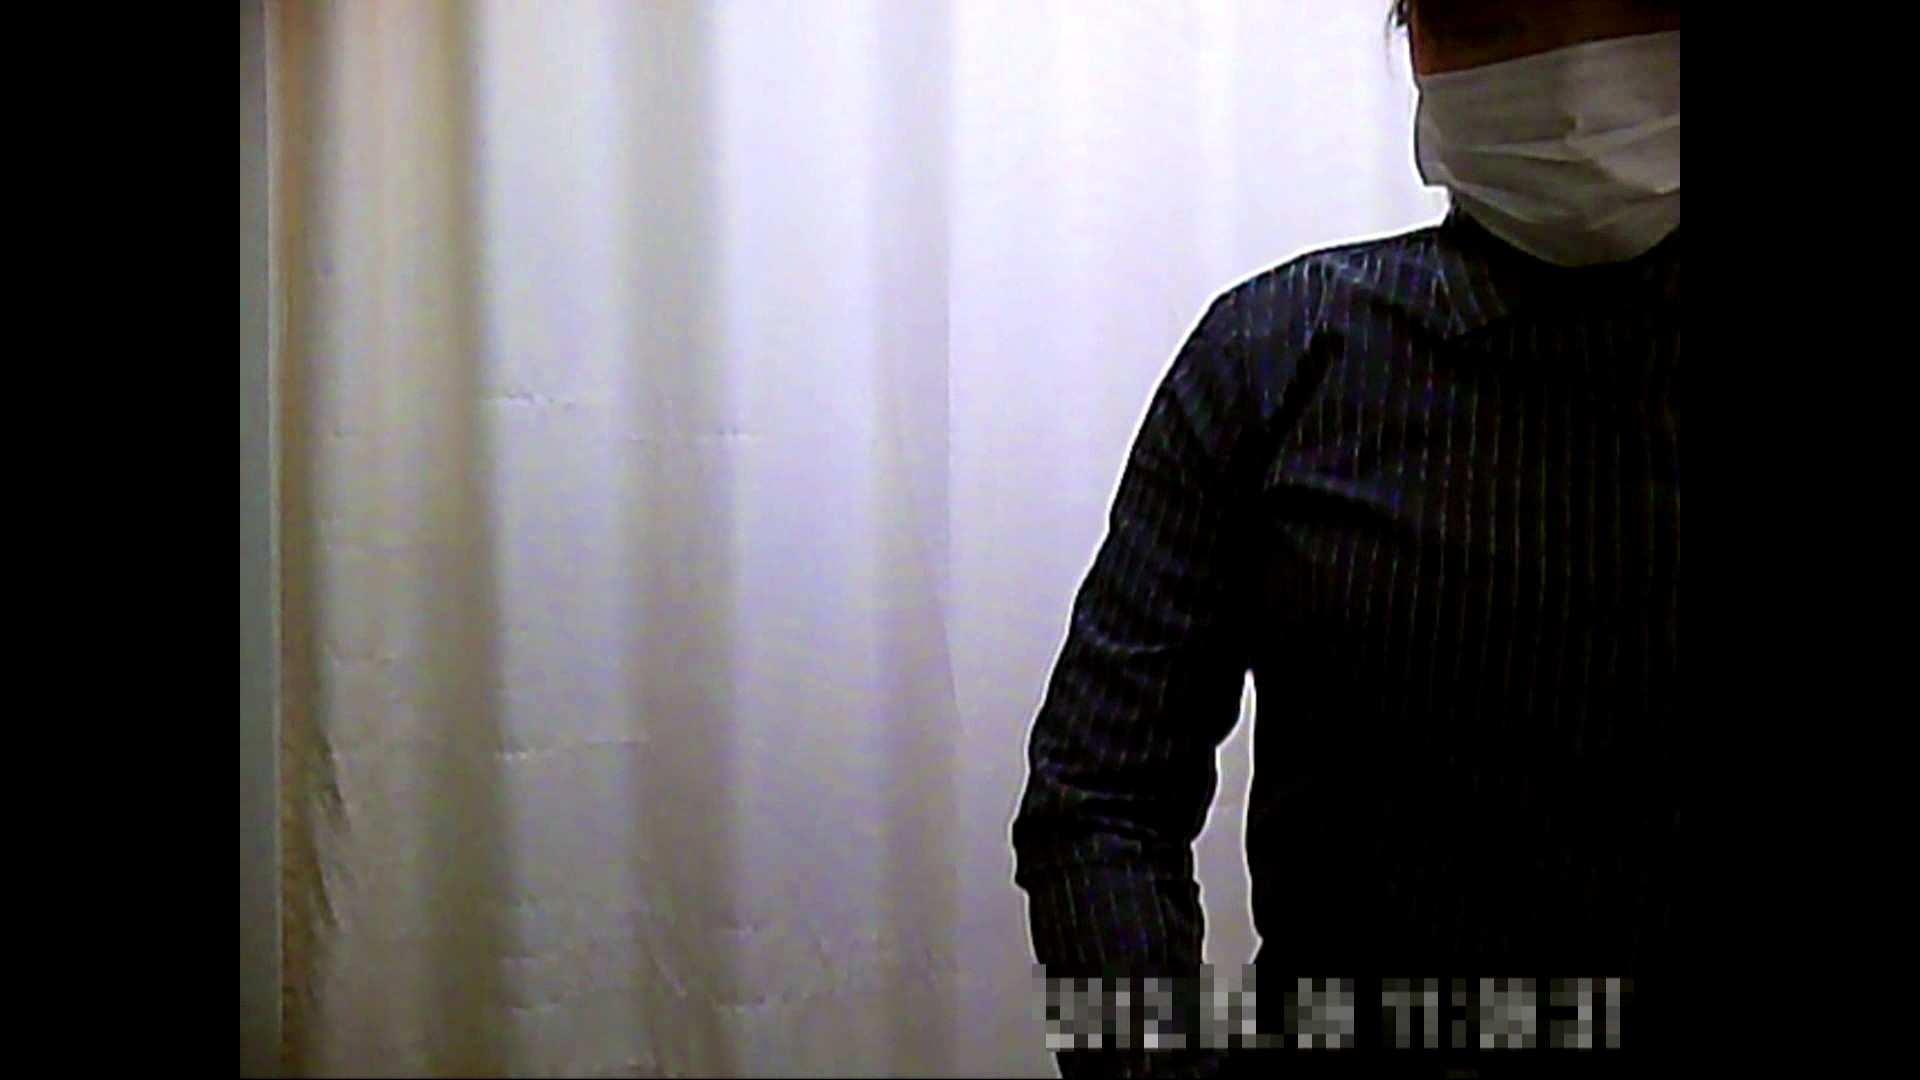 元医者による反抗 更衣室地獄絵巻 vol.020 OLハメ撮り  69Pix 15